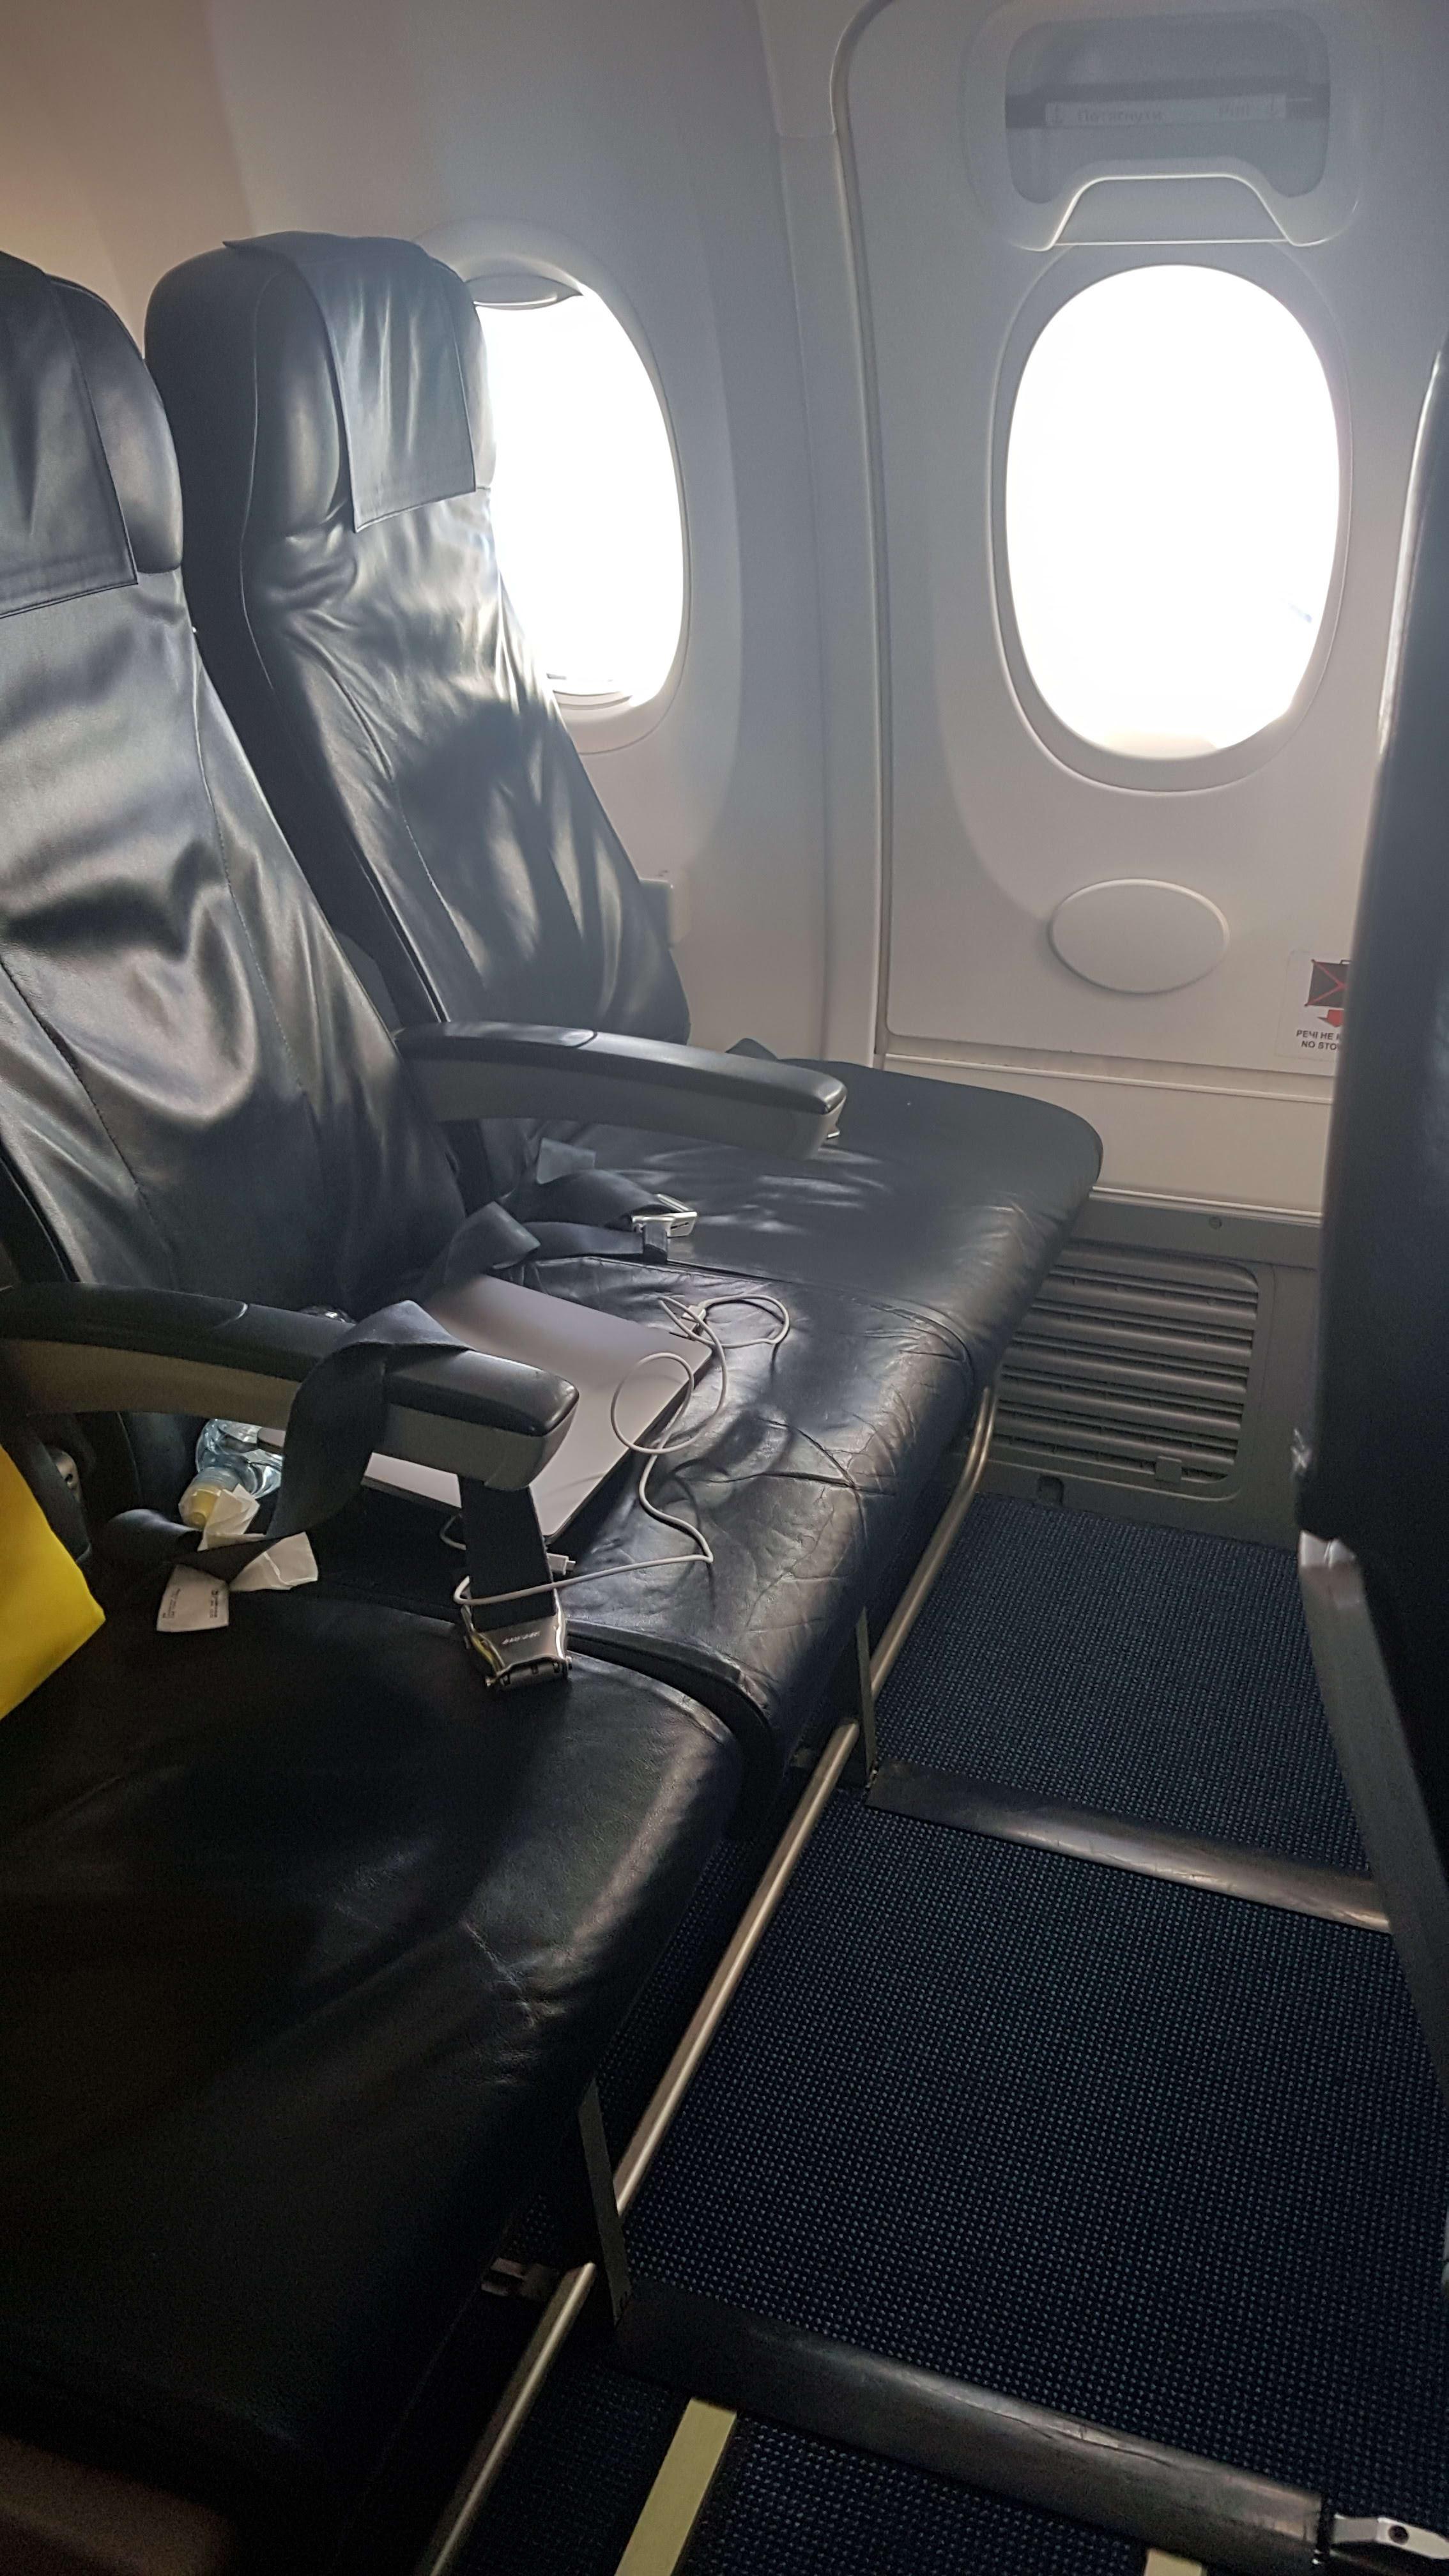 מושבי יציאת חירום, מטוס בואינג 737-800 של UIA האוקראינית